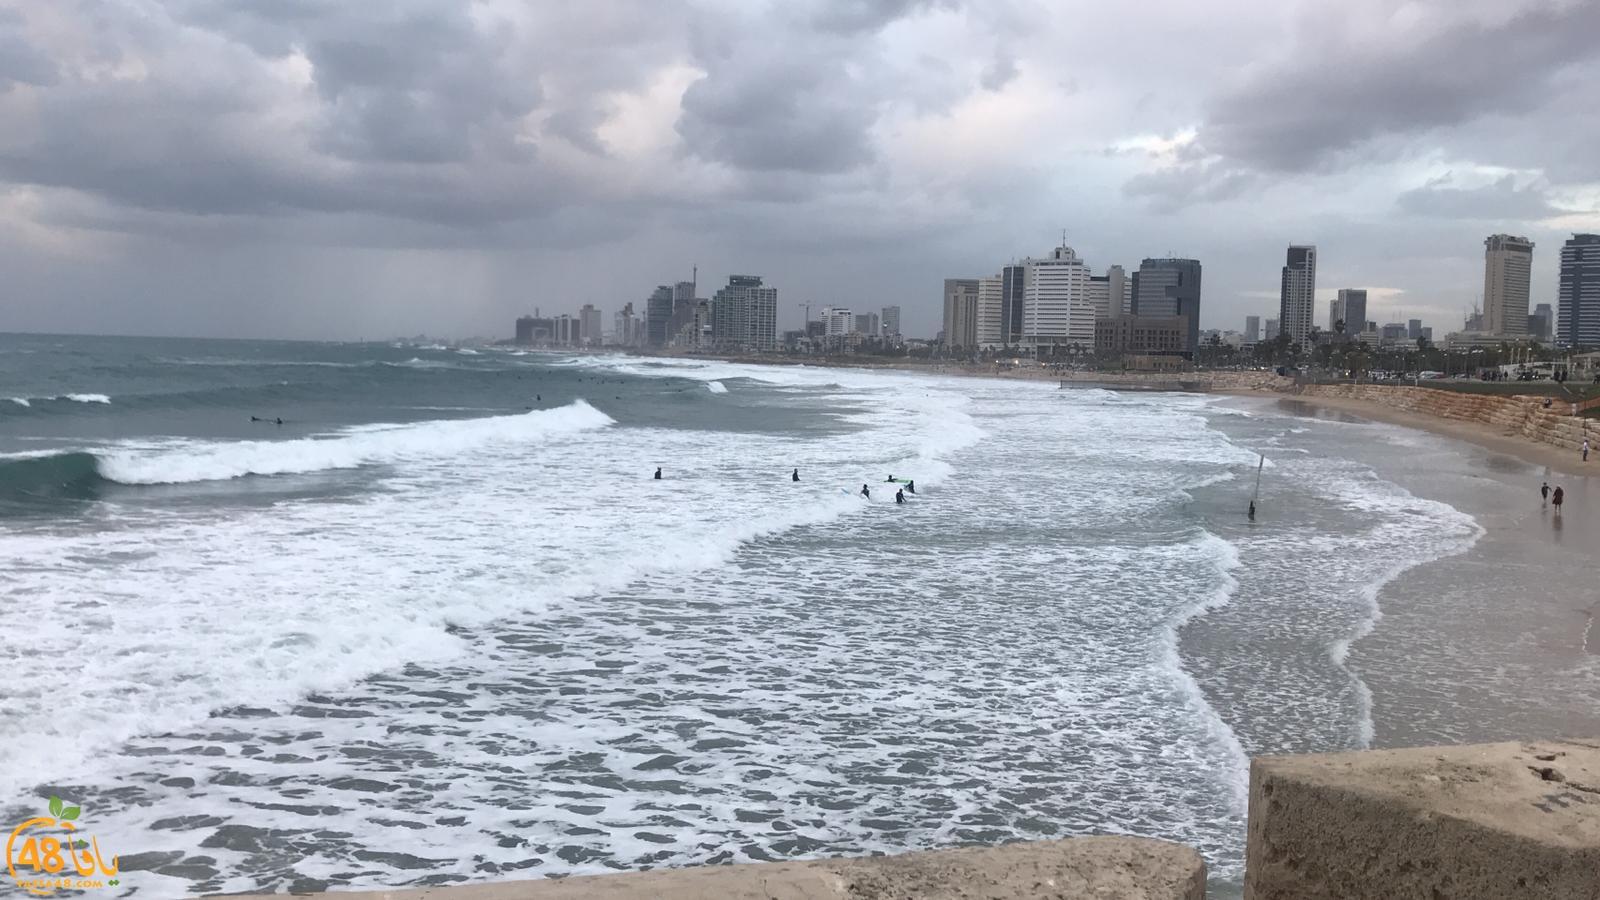 شاهد: الأمواج العالية تجذب محبي ركوب الأمواج على شاطئ بحر يافا